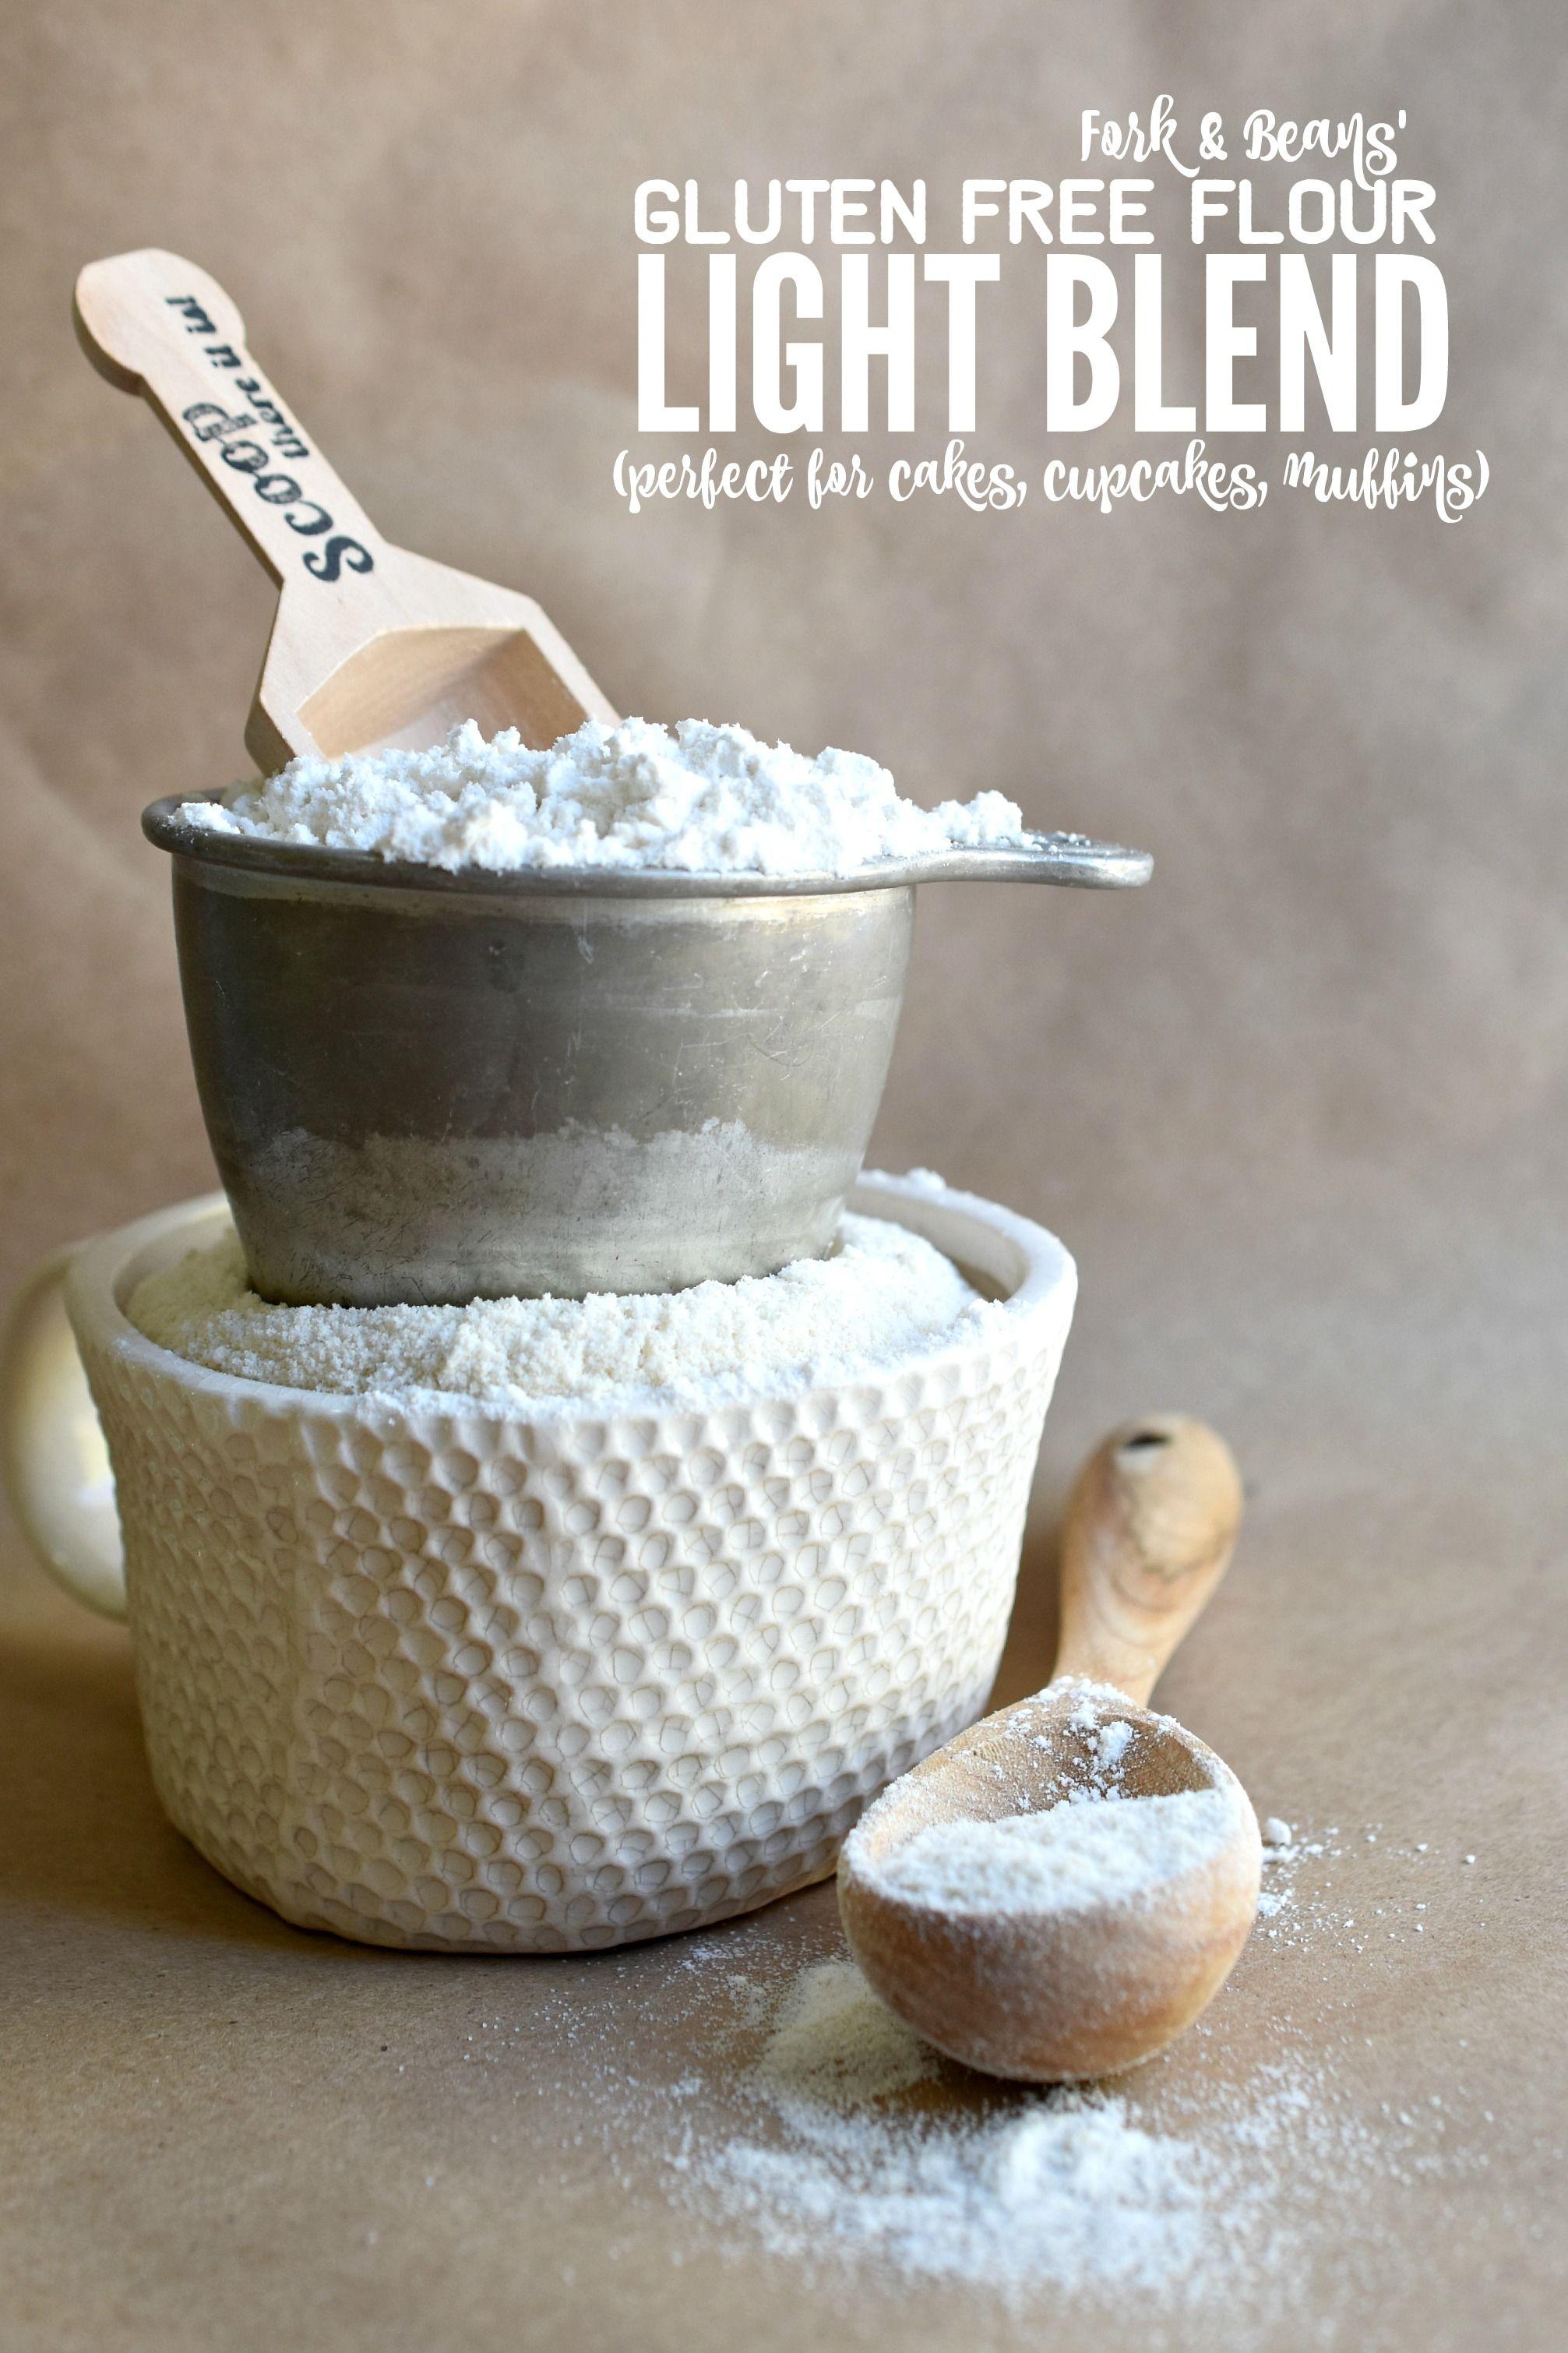 Light Gluten Free Flour Blend Recipe Gluten free flour